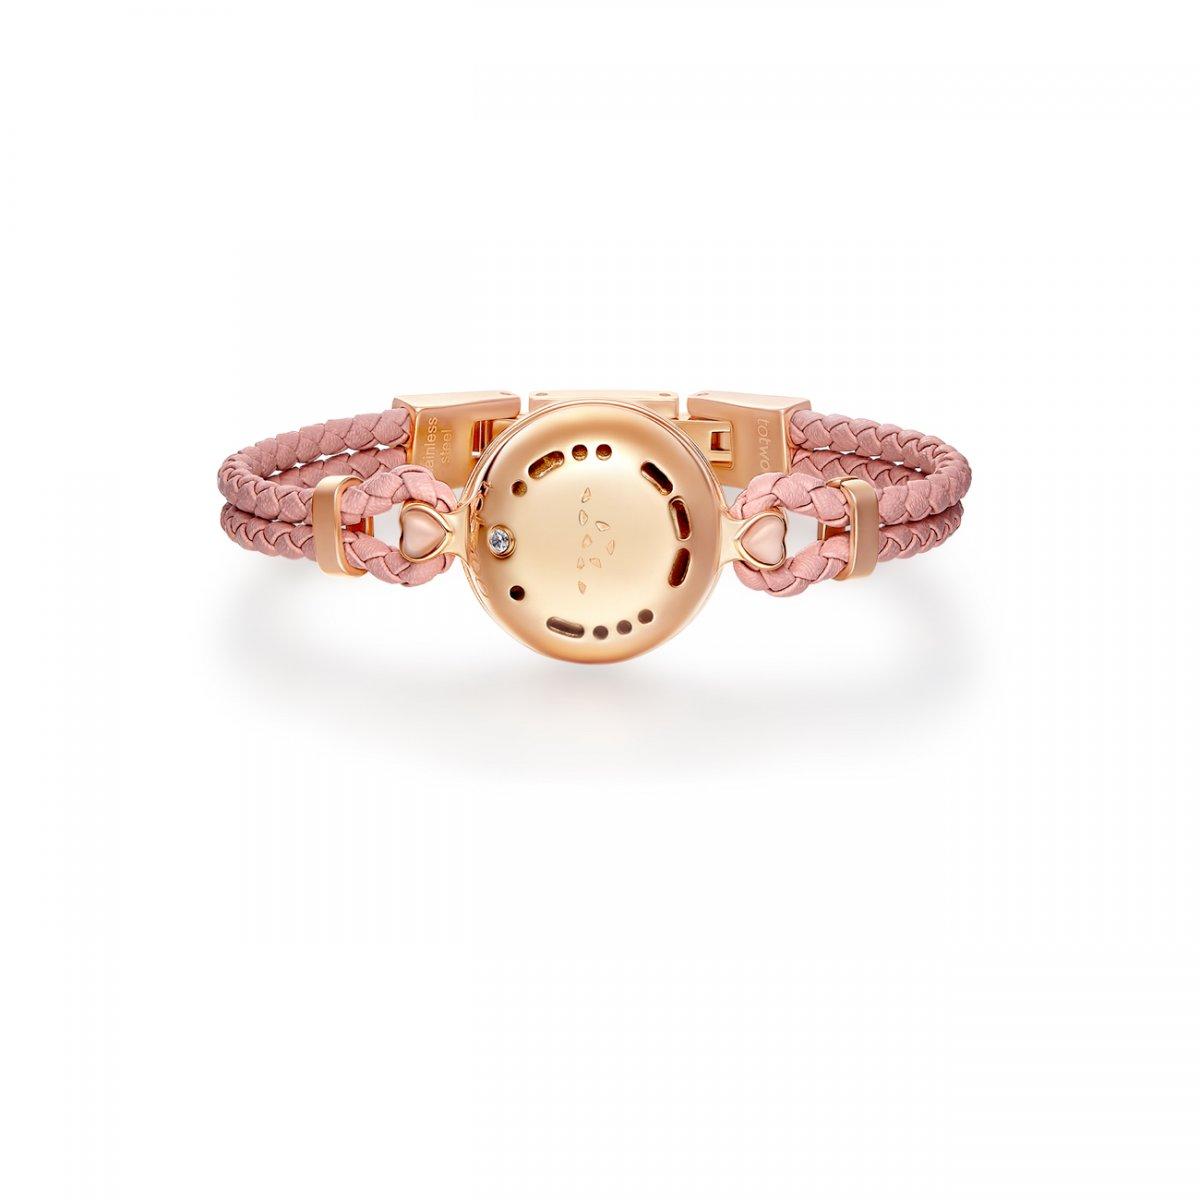 Fairy morse code bracelet